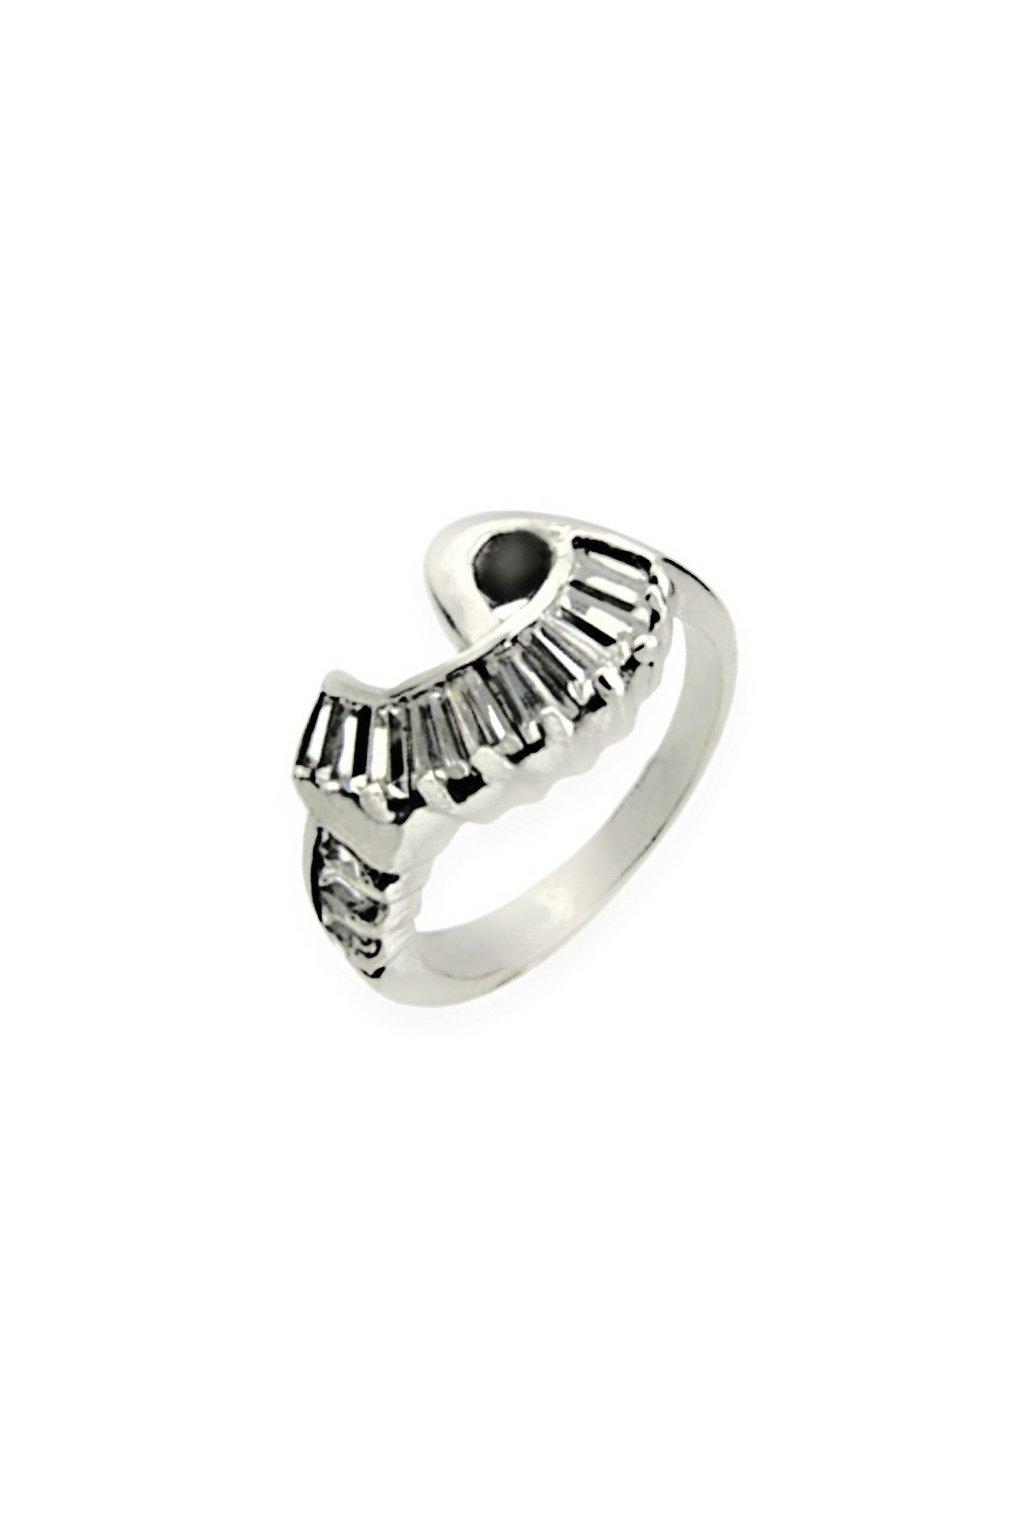 Skalimar Prsten z chirurgické oceli LUXUSNÍ ŠPERK S KŘIŠŤÁLY 312453